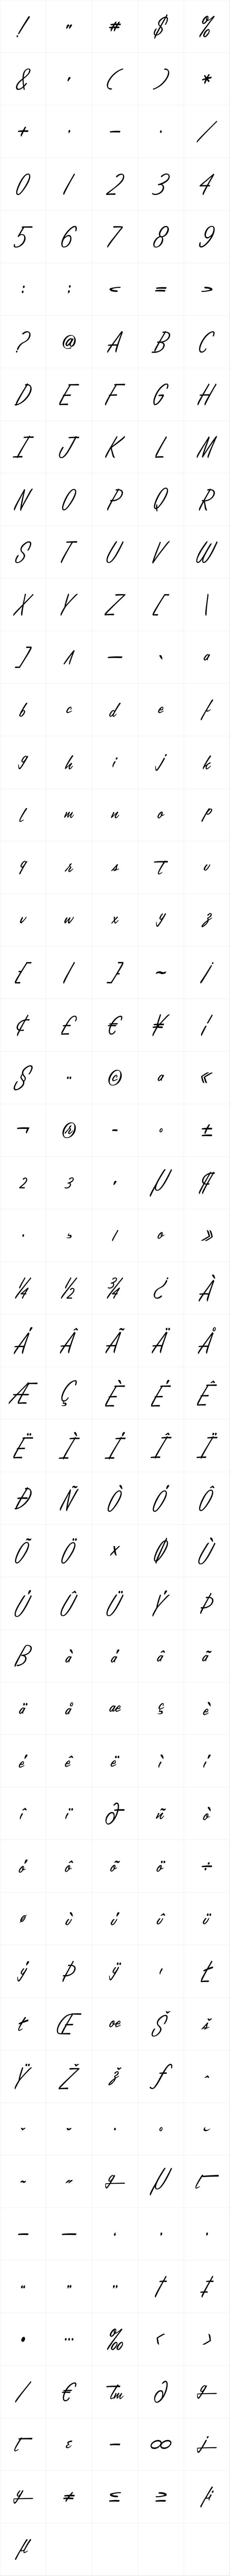 Lamplighter Script